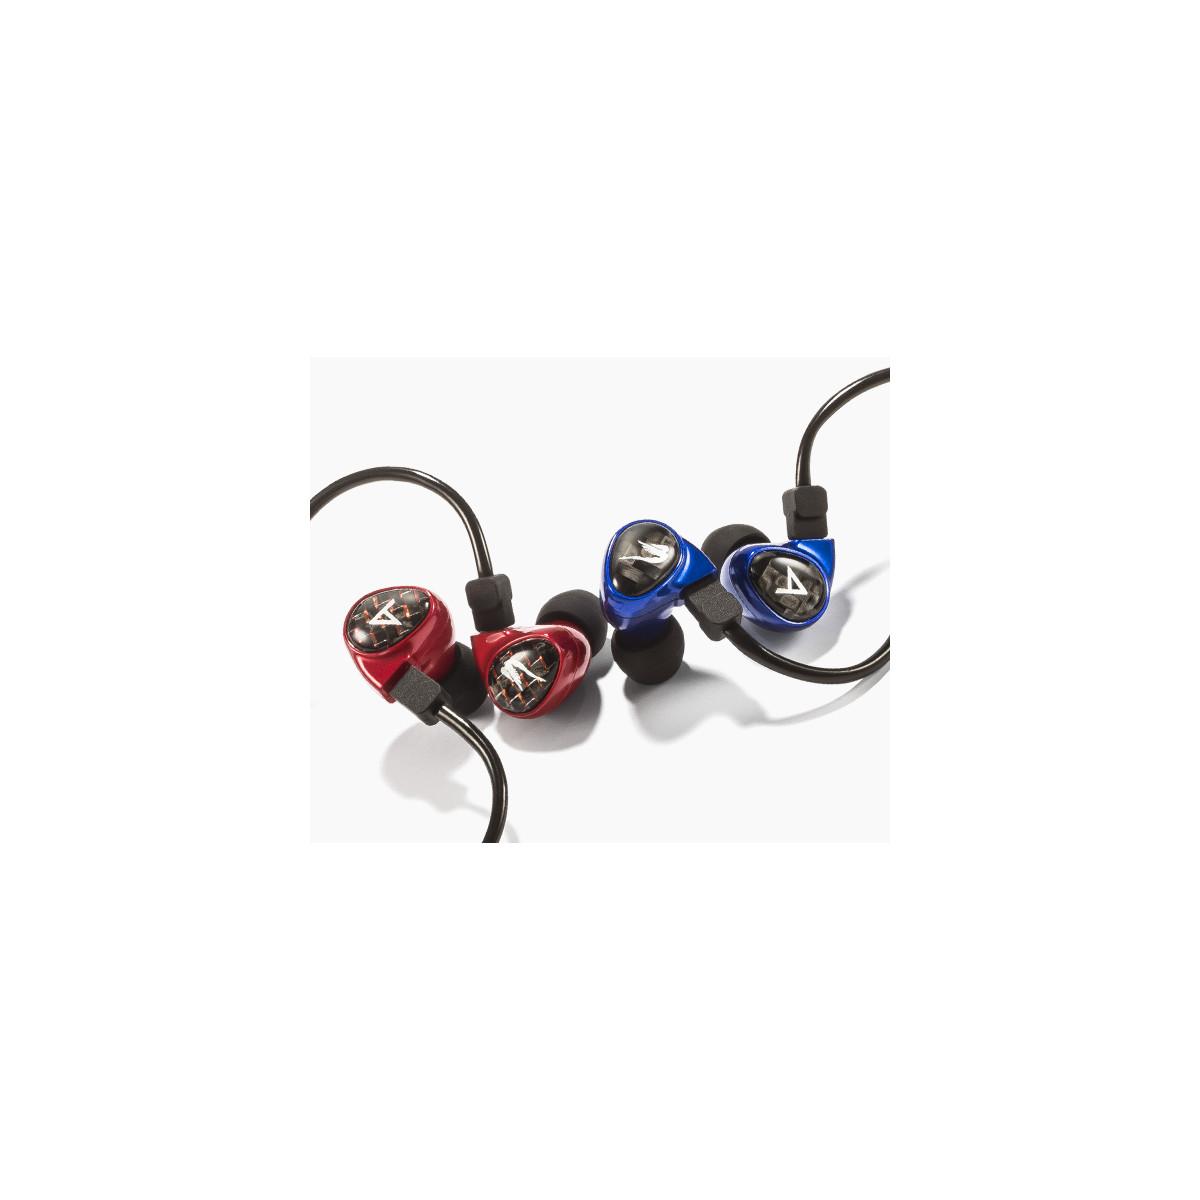 Astell & Kern Billie Jean In-Ear Kophfhörer rot